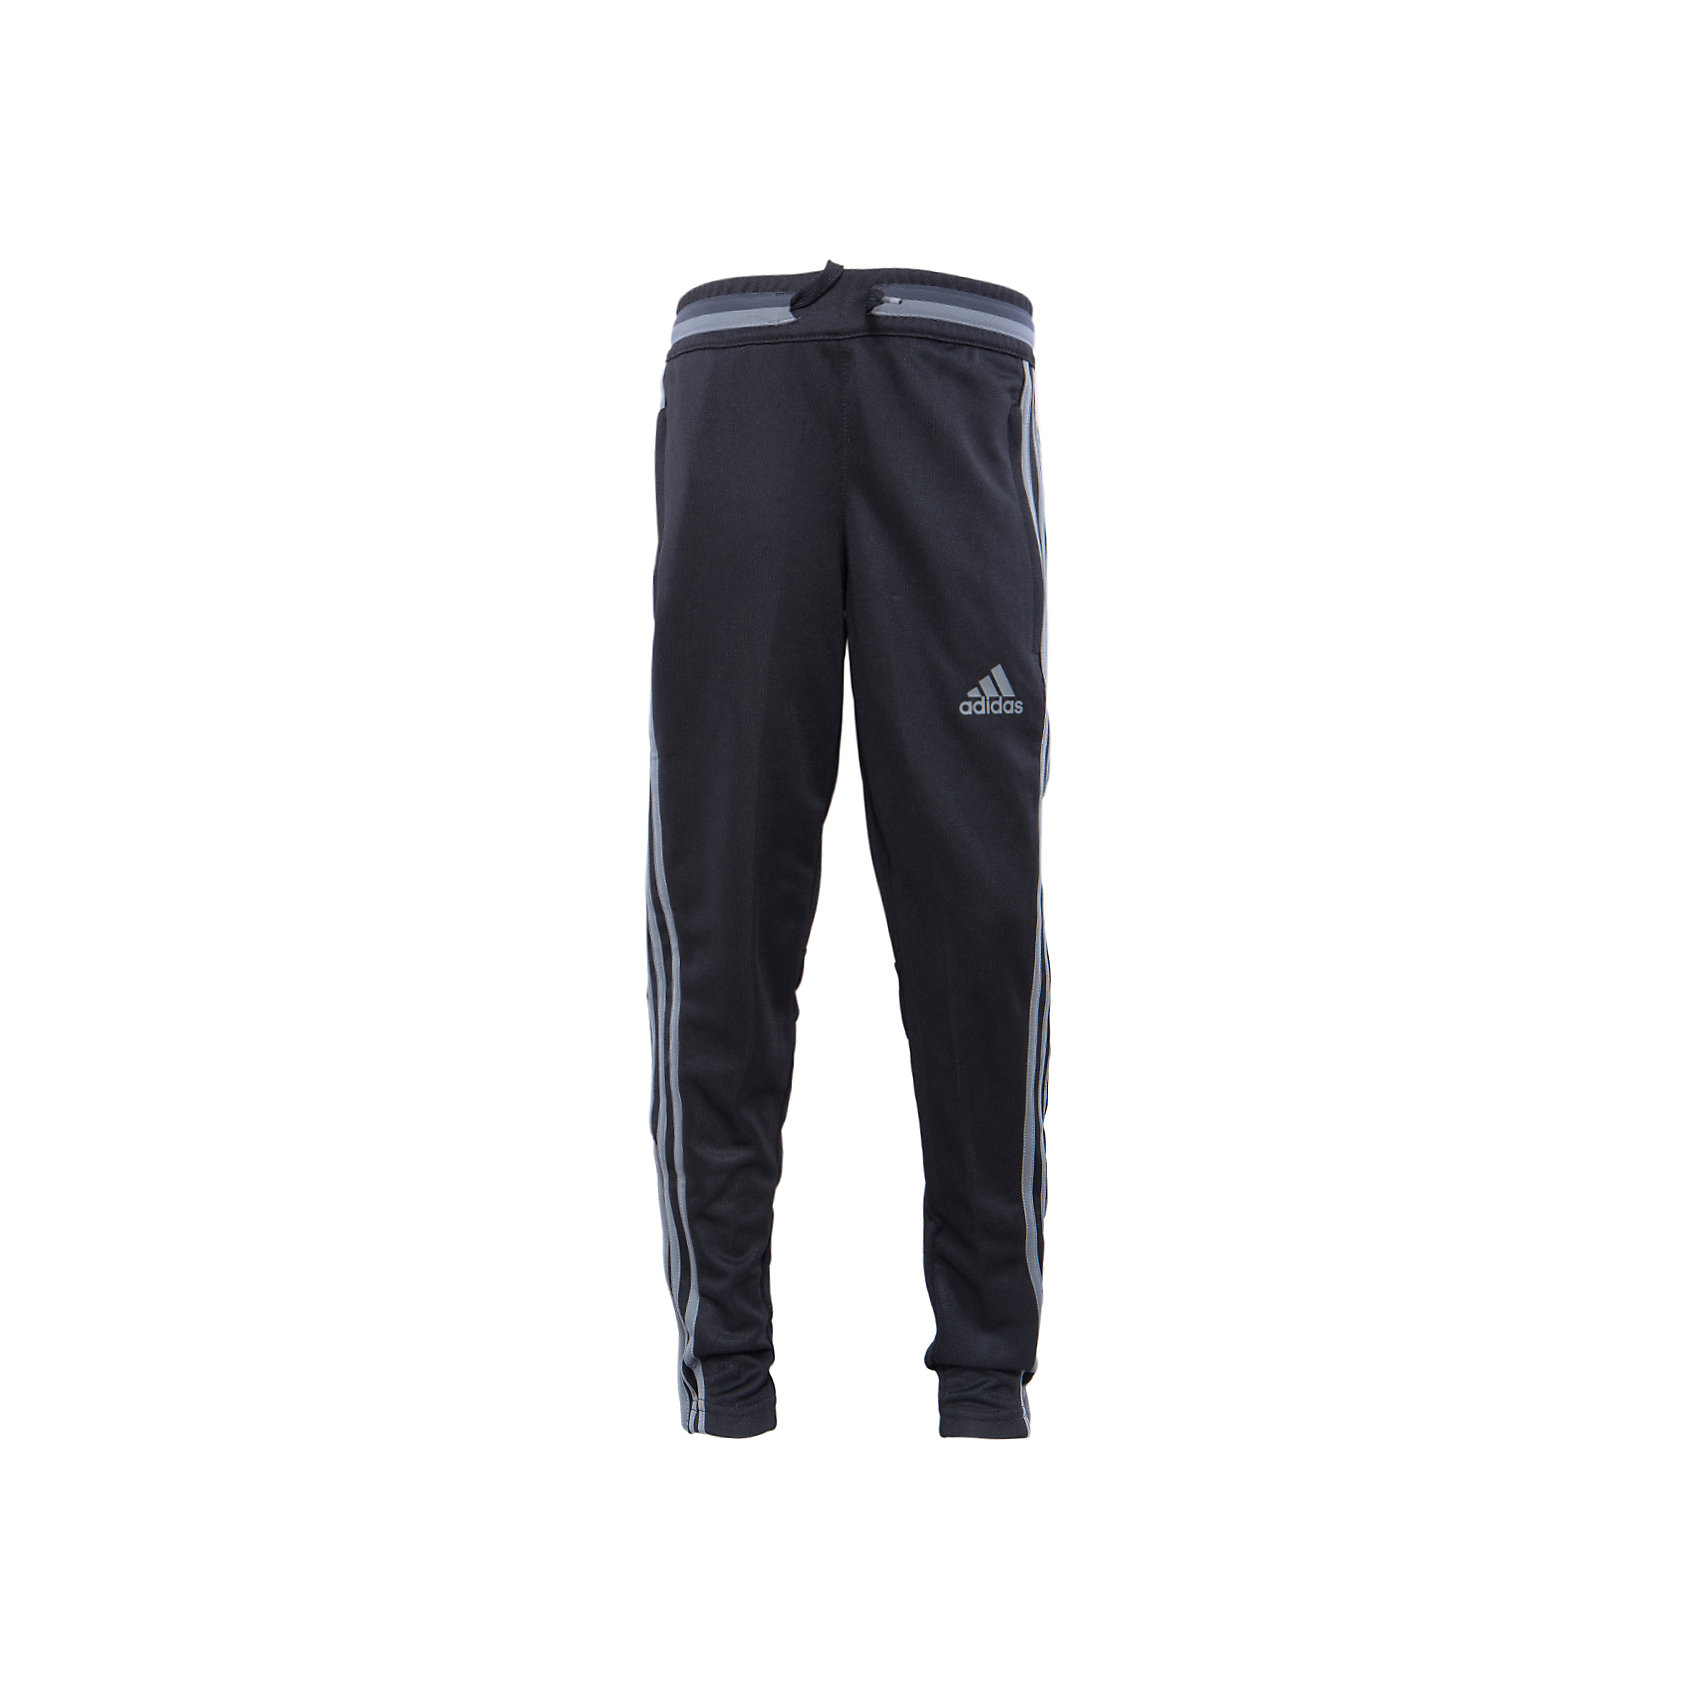 Трикотажные брюки adidasТрикотажные брюки Аdidas (Адидас).<br><br>Характеристики:<br><br>• цвет: темно-серый;<br>• состав: 100% полиэстер;<br>• Технология climacool® сохраняет приятные ощущения прохлады и свежести благодаря специальным сетчатым вставкам<br>• Передние карманы на молнии<br>• Эластичный пояс на регулируемых завязках-шнурках; <br>• сетчатые вставки под коленями для вентиляции; <br>• рифленые вставки на голенях; <br>• молнии на щиколотках<br>• Зауженный к низу крой<br><br>Трикотажные брюки от известного бренда Аdidas (Адидас)-эти удобные спортивные брюки отлично впишутся в гардероб  вашего ребенка. Брюки темно-серого цвета, декорированы светло – серыми лампасами. Данная модель выполнена на широкой  резинке в поясе, дополнительно собирается на шнурке. На брюках 2 кармана, застегивающихся на молнии. В прохладную погоду или вечером, в этих брюках юный спортсмен сможет воспользоваться любой возможностью пойти на тренировку. Модель с освежающей технологией climacool® обеспечивает необходимую вентиляцию и поддерживает комфортную температуру тела. Функциональный зауженный к низу крой для удобства во время тренировки. Они хорошо сидят на ребенке, обеспечивают комфорт и отлично сочетаются с другой спортивной одеждой. <br><br>Трикотажные брюки Аdidas (Адидас), можно купить в нашем интернет-магазине.<br><br>Ширина мм: 215<br>Глубина мм: 88<br>Высота мм: 191<br>Вес г: 336<br>Цвет: синий<br>Возраст от месяцев: 84<br>Возраст до месяцев: 96<br>Пол: Мужской<br>Возраст: Детский<br>Размер: 128,176,164,152,140<br>SKU: 5003554